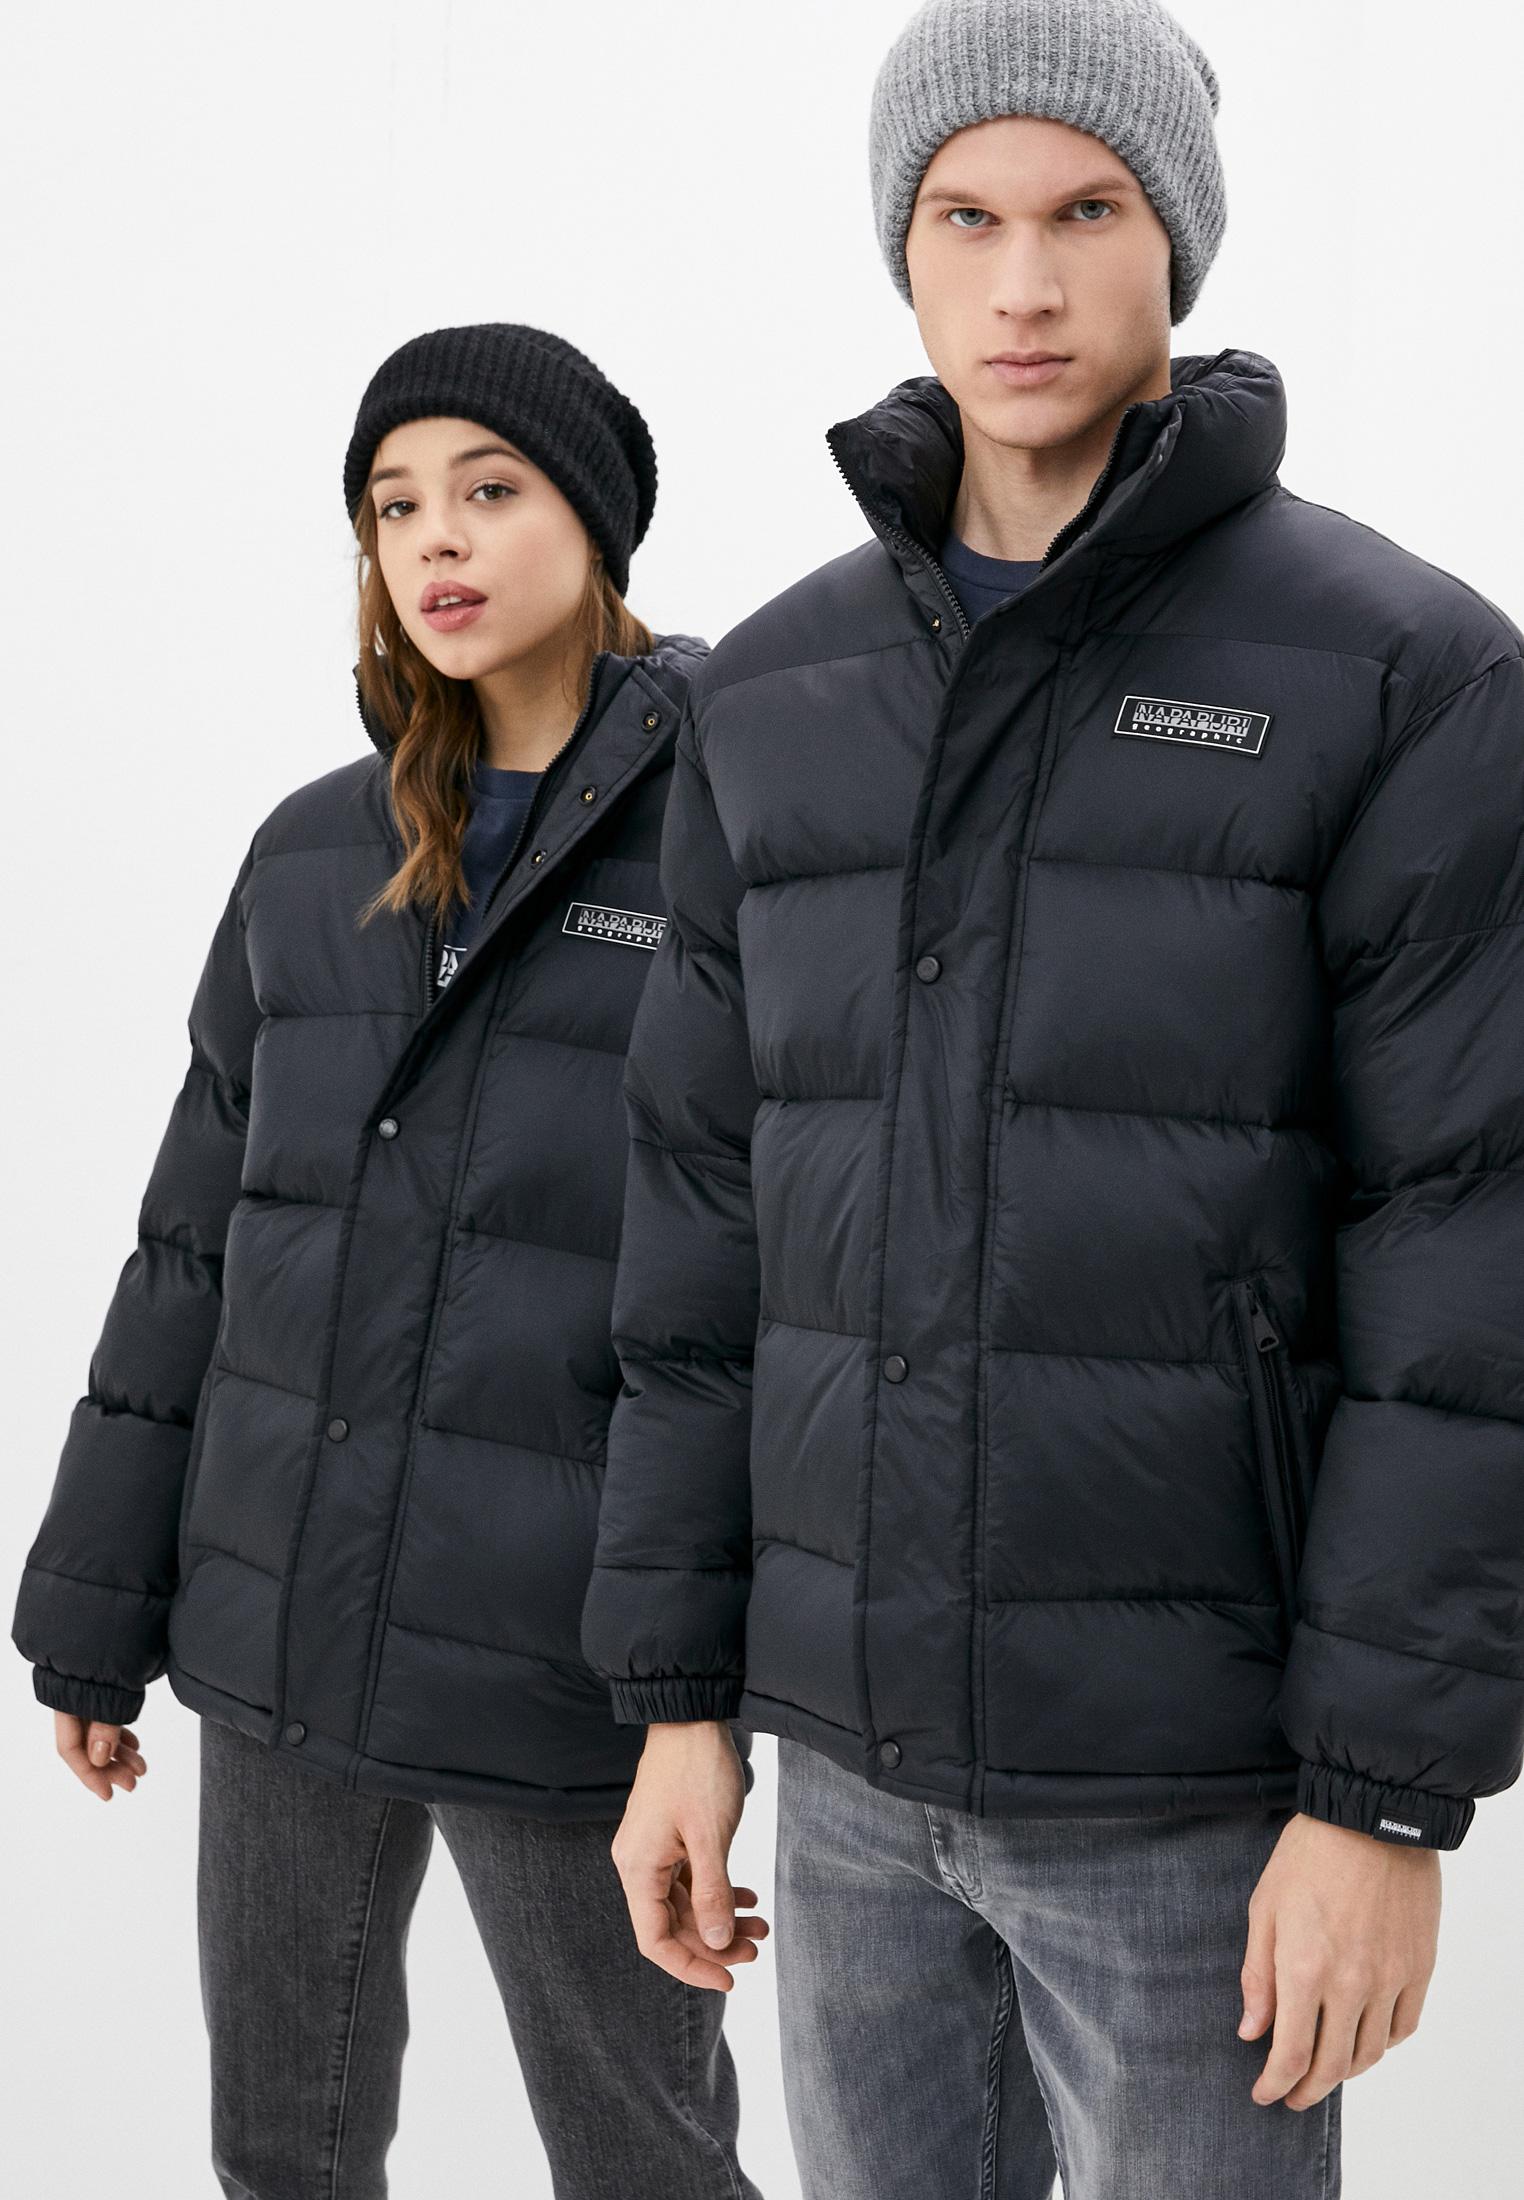 Утепленная куртка Napapijri Куртка утепленная Napapijri